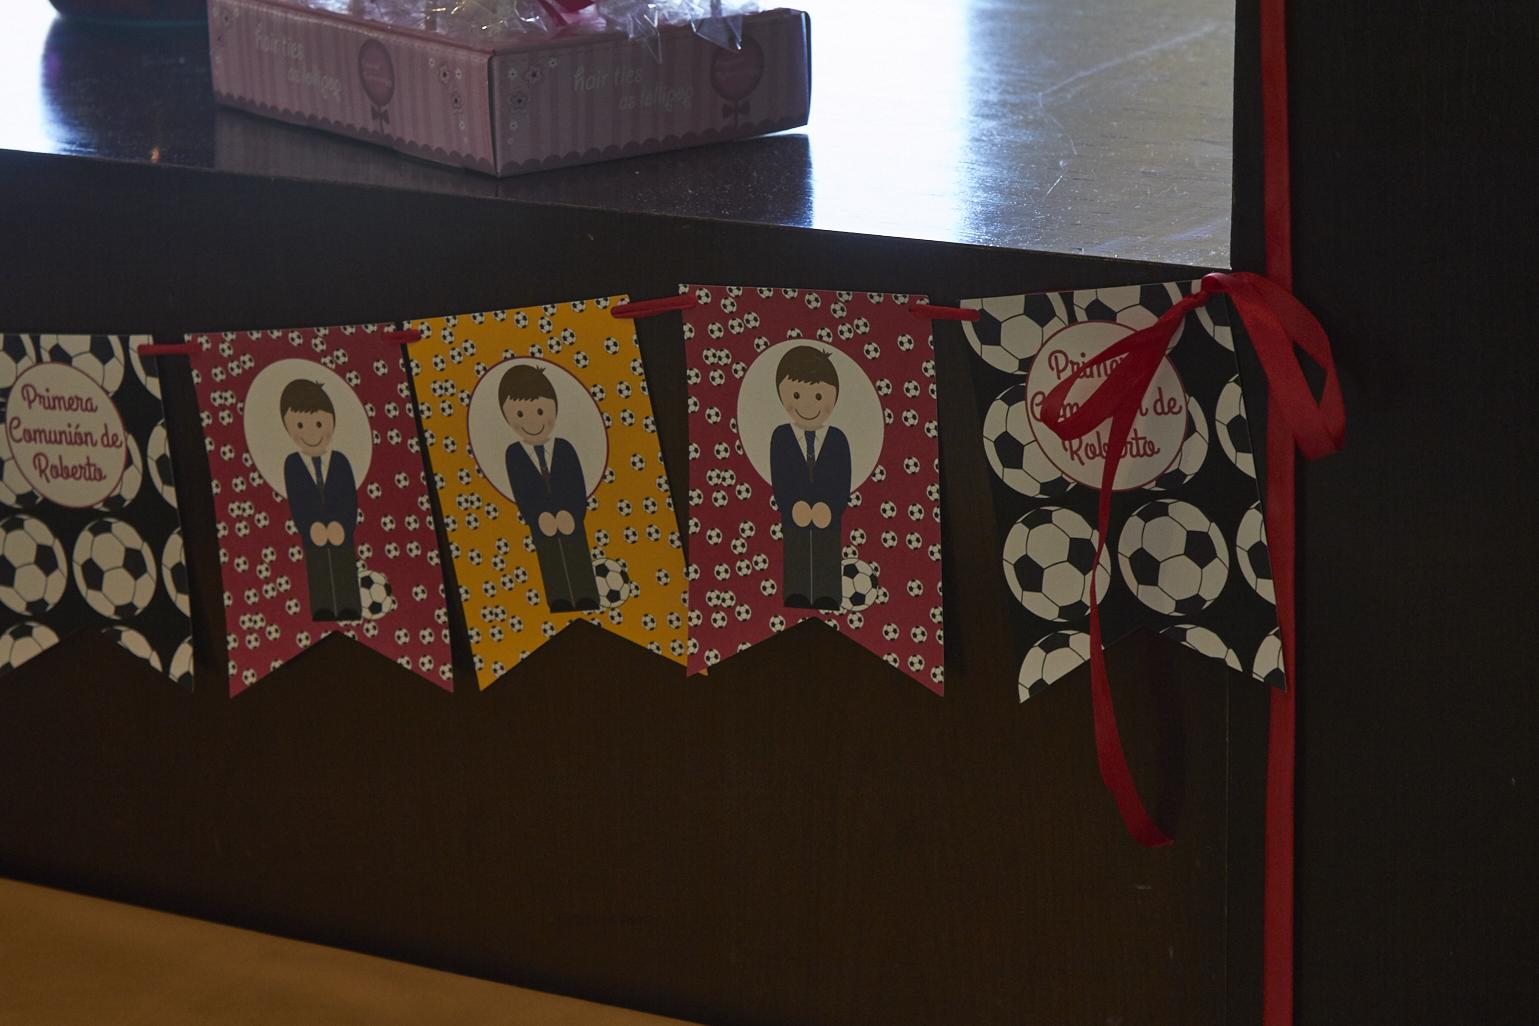 decoracion_comunion_futbol_04